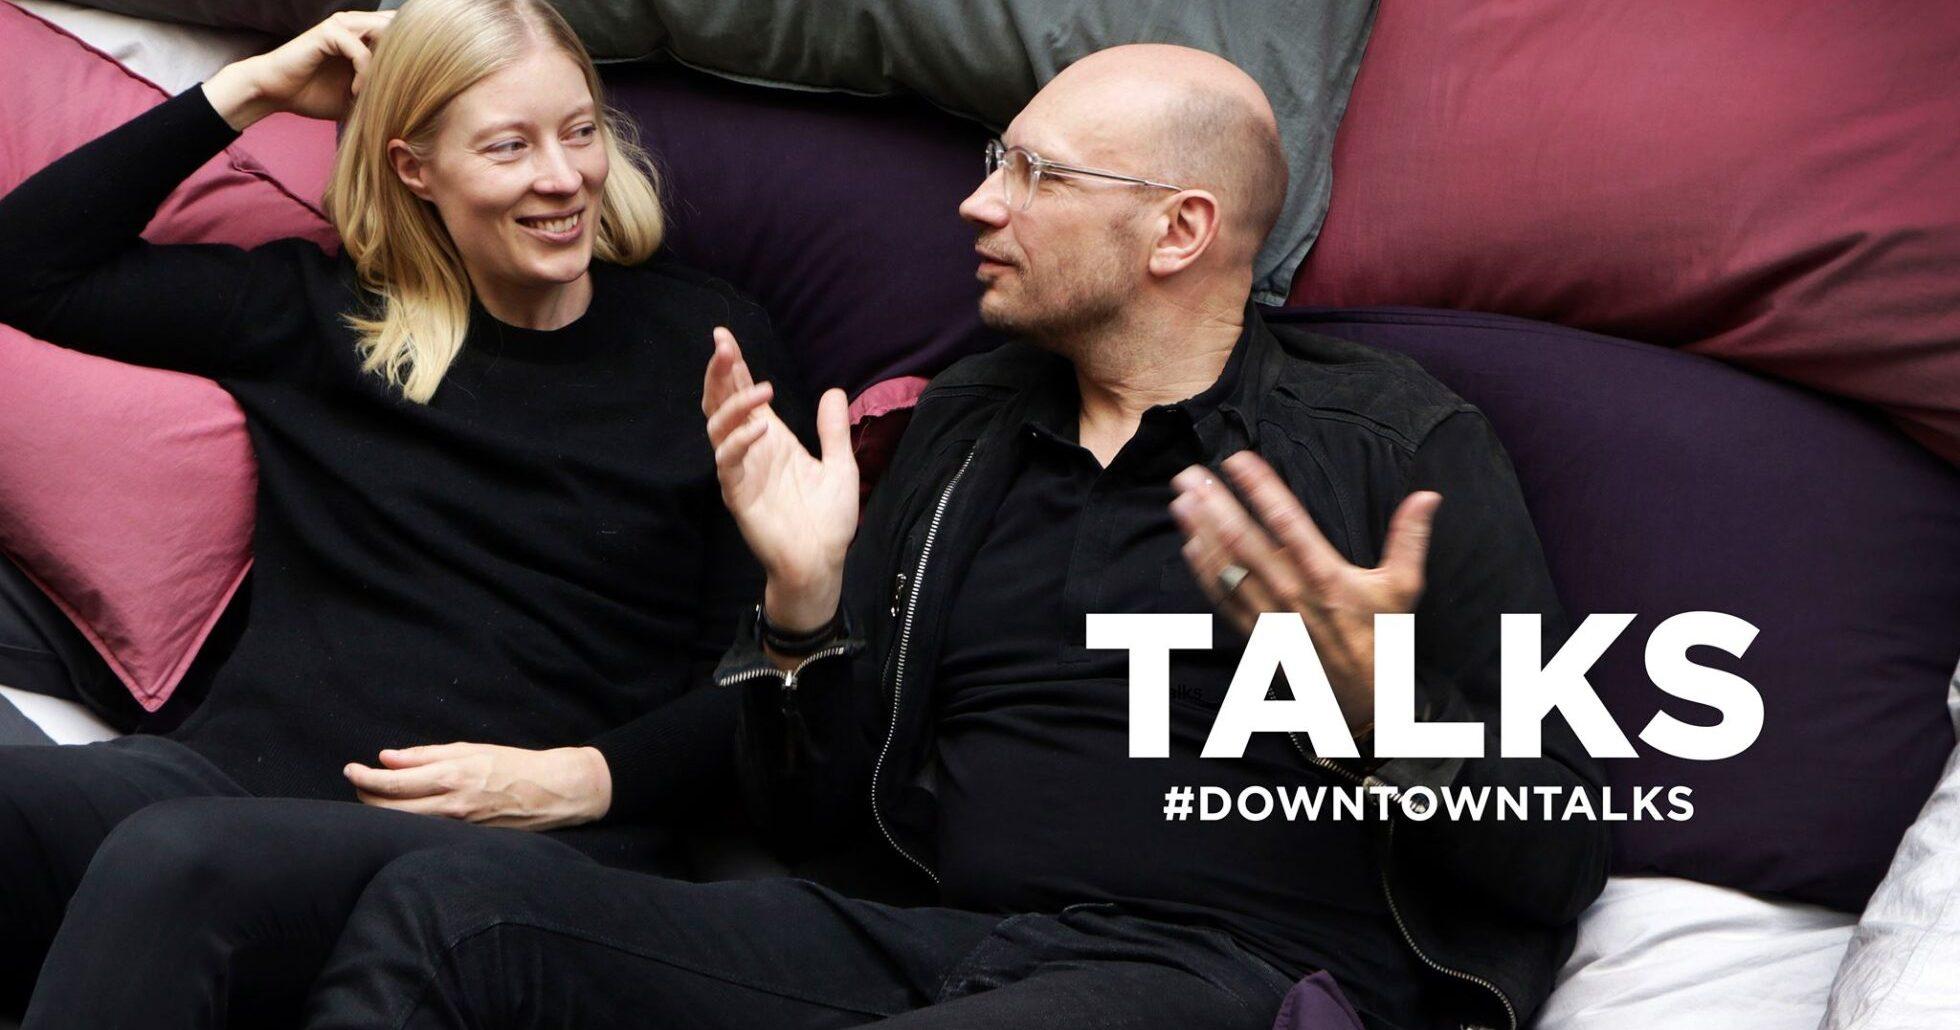 Downtown talks!